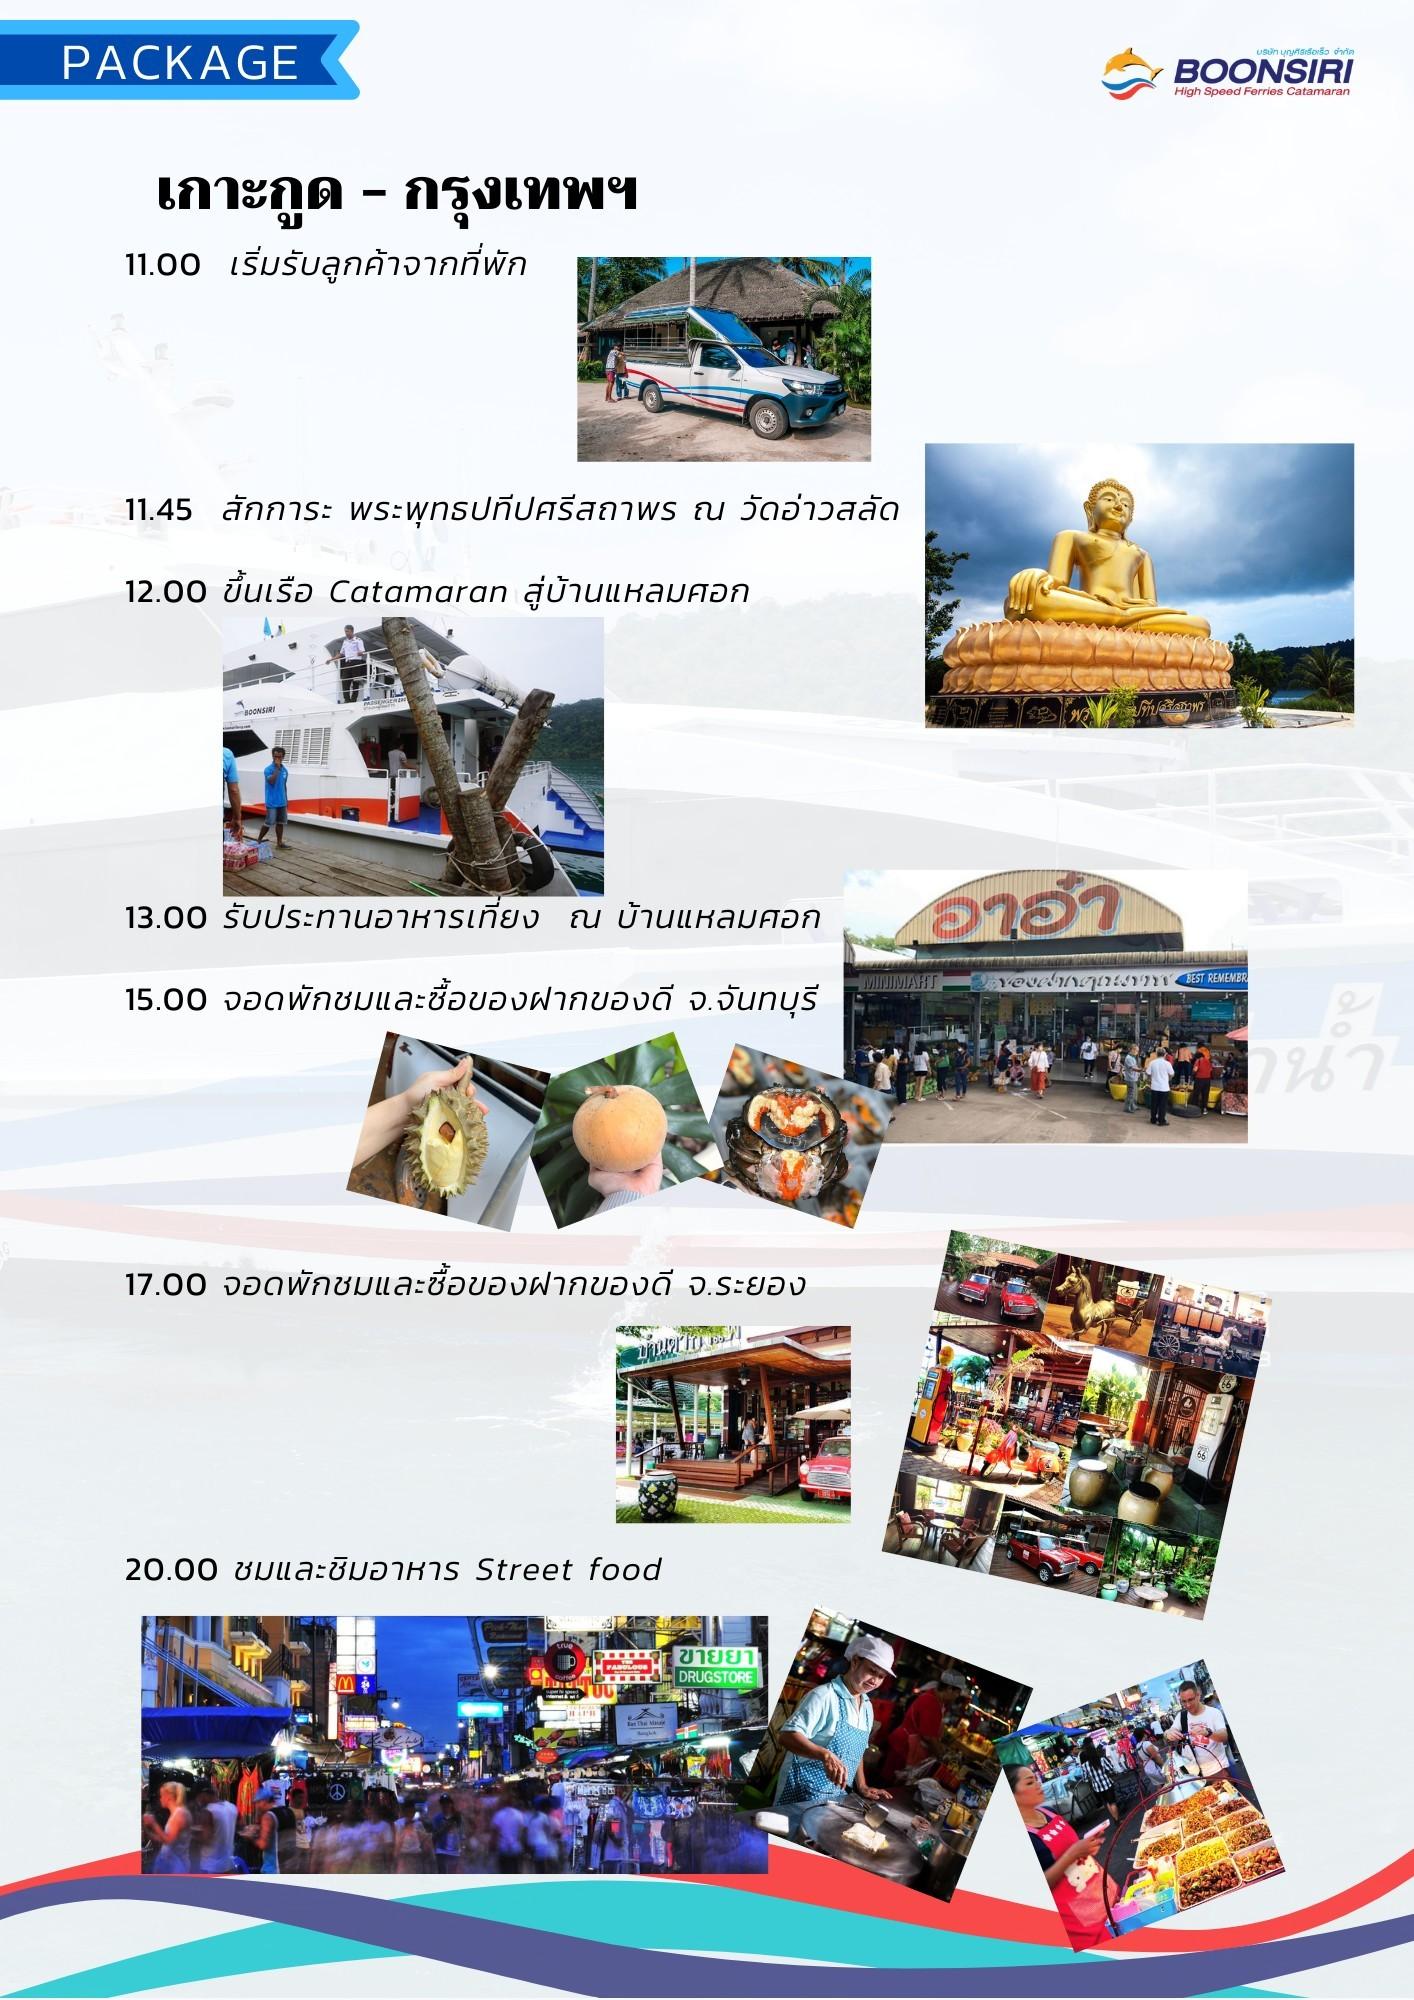 Package Tour Koh Kood - Bangkok 12.00